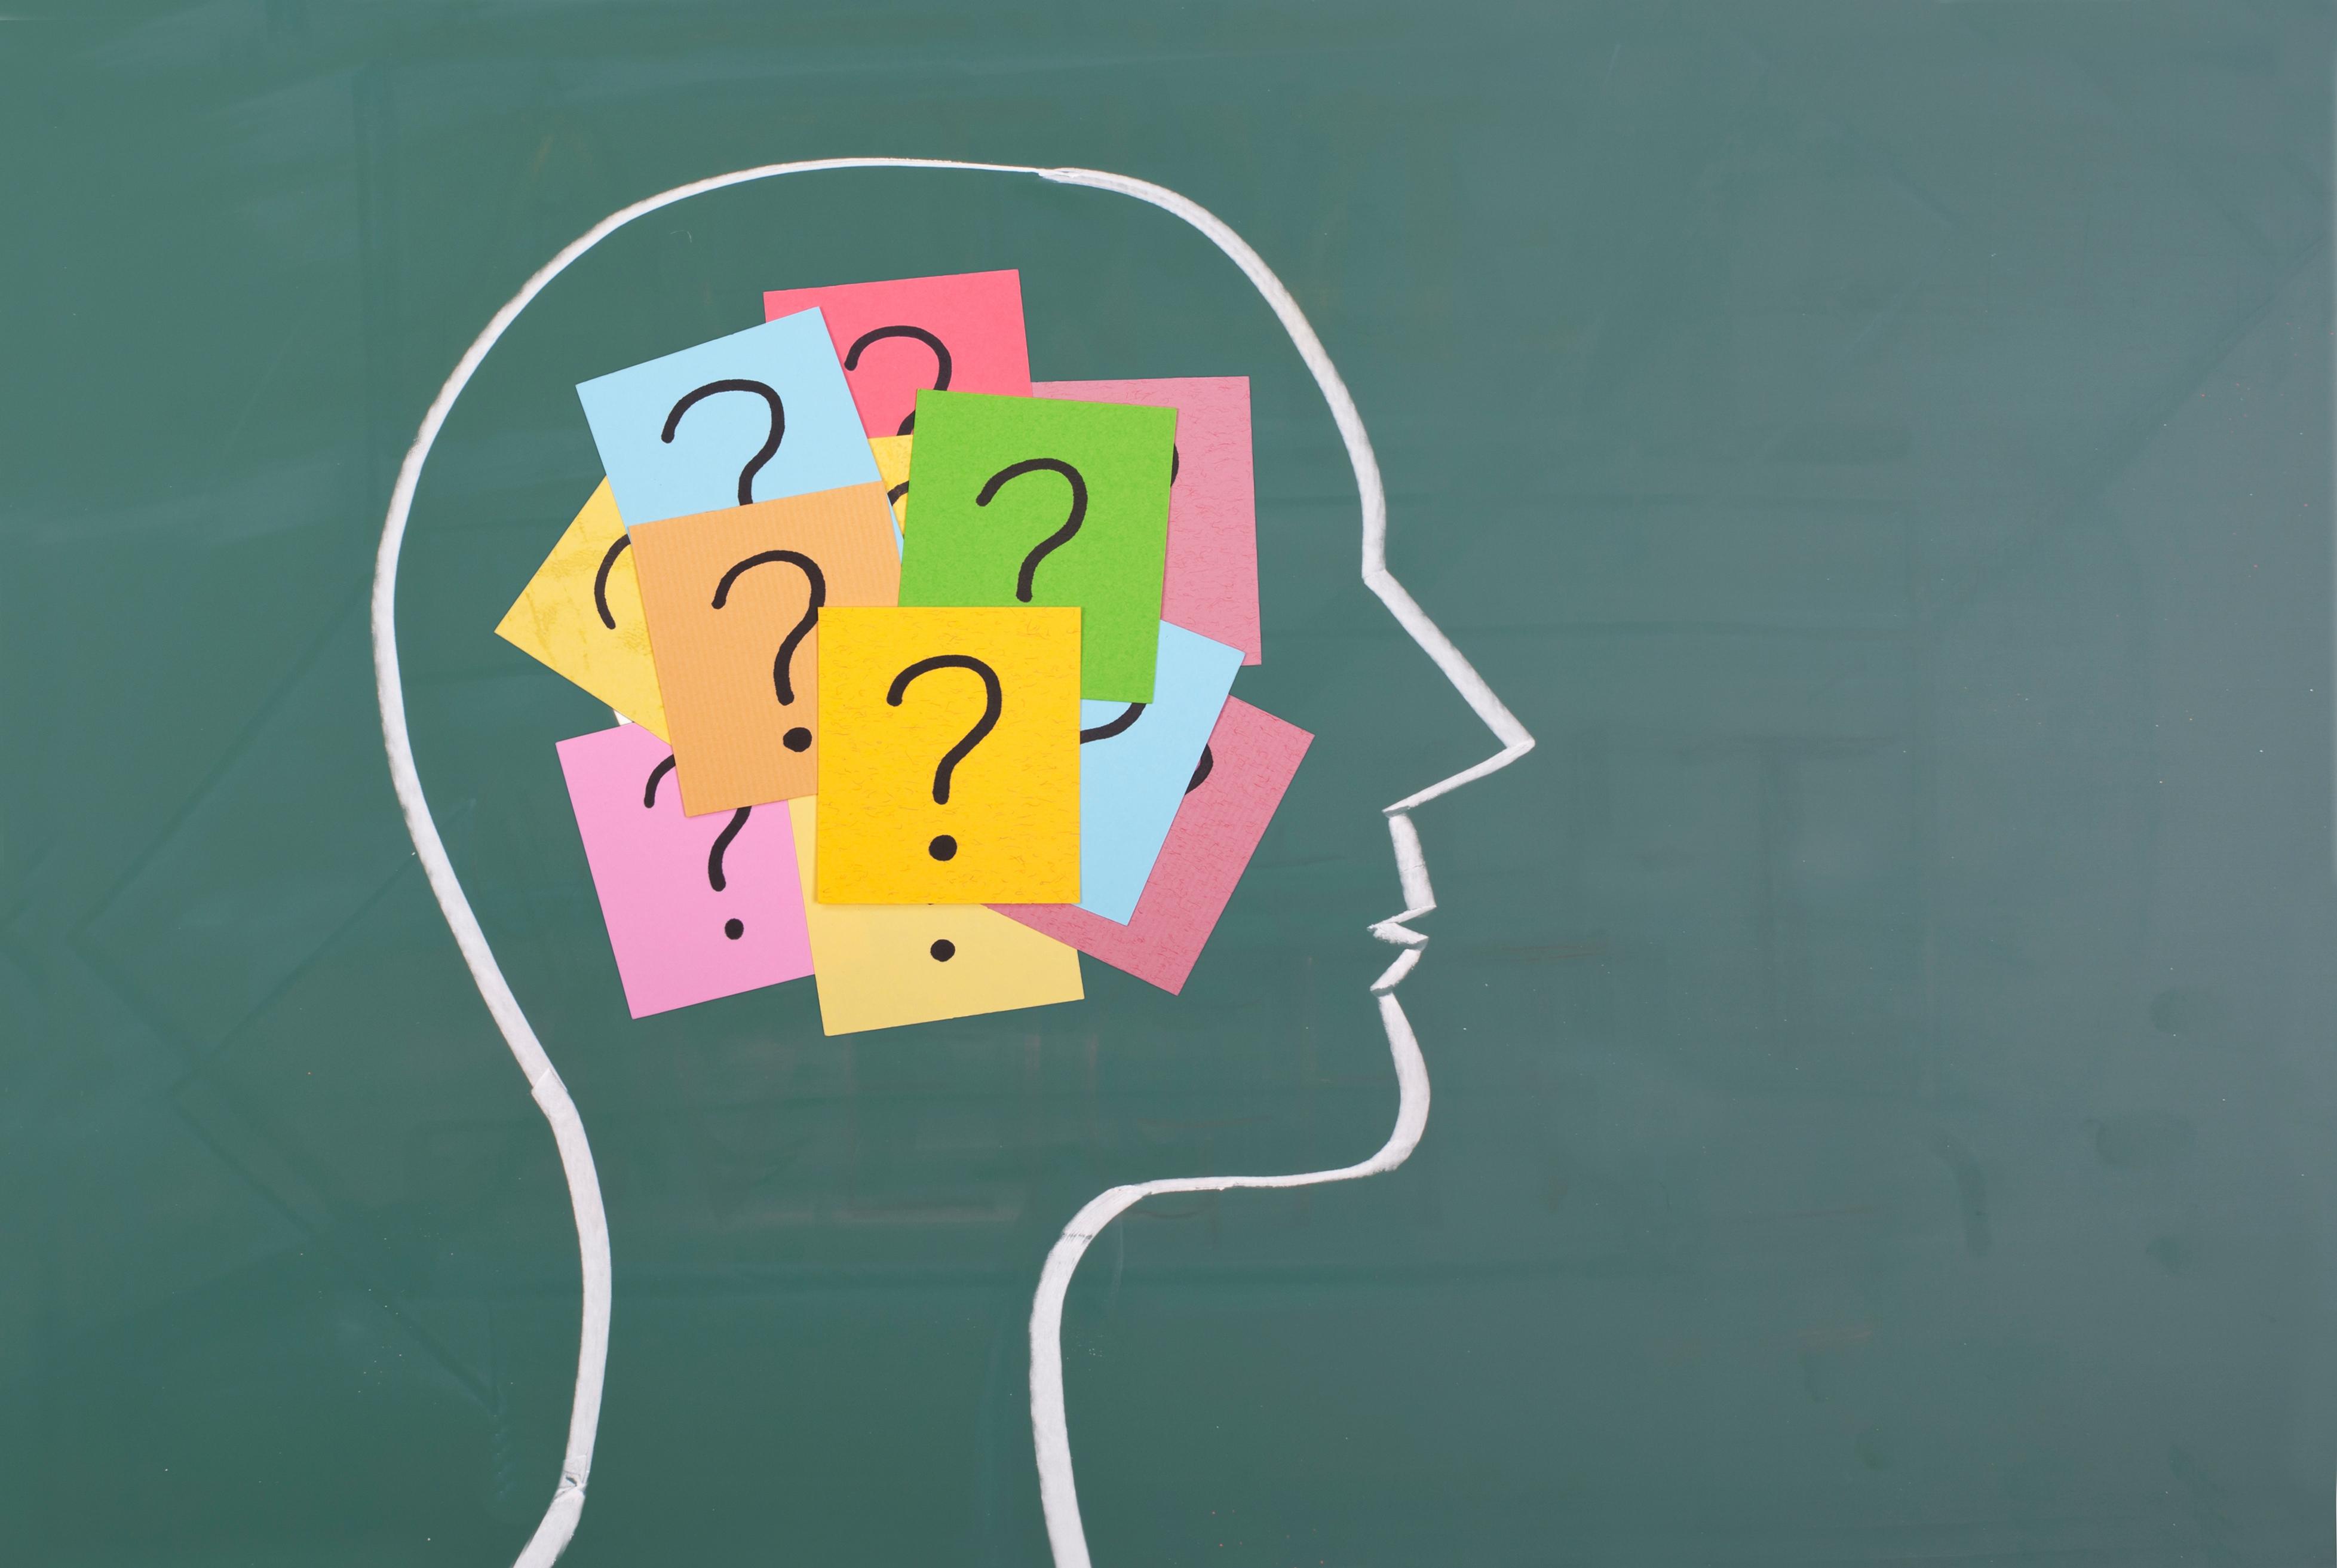 La vida es un constante devenir de preguntas, cuestionamientos, búsquedas e inquietudes. Y eso es bueno.